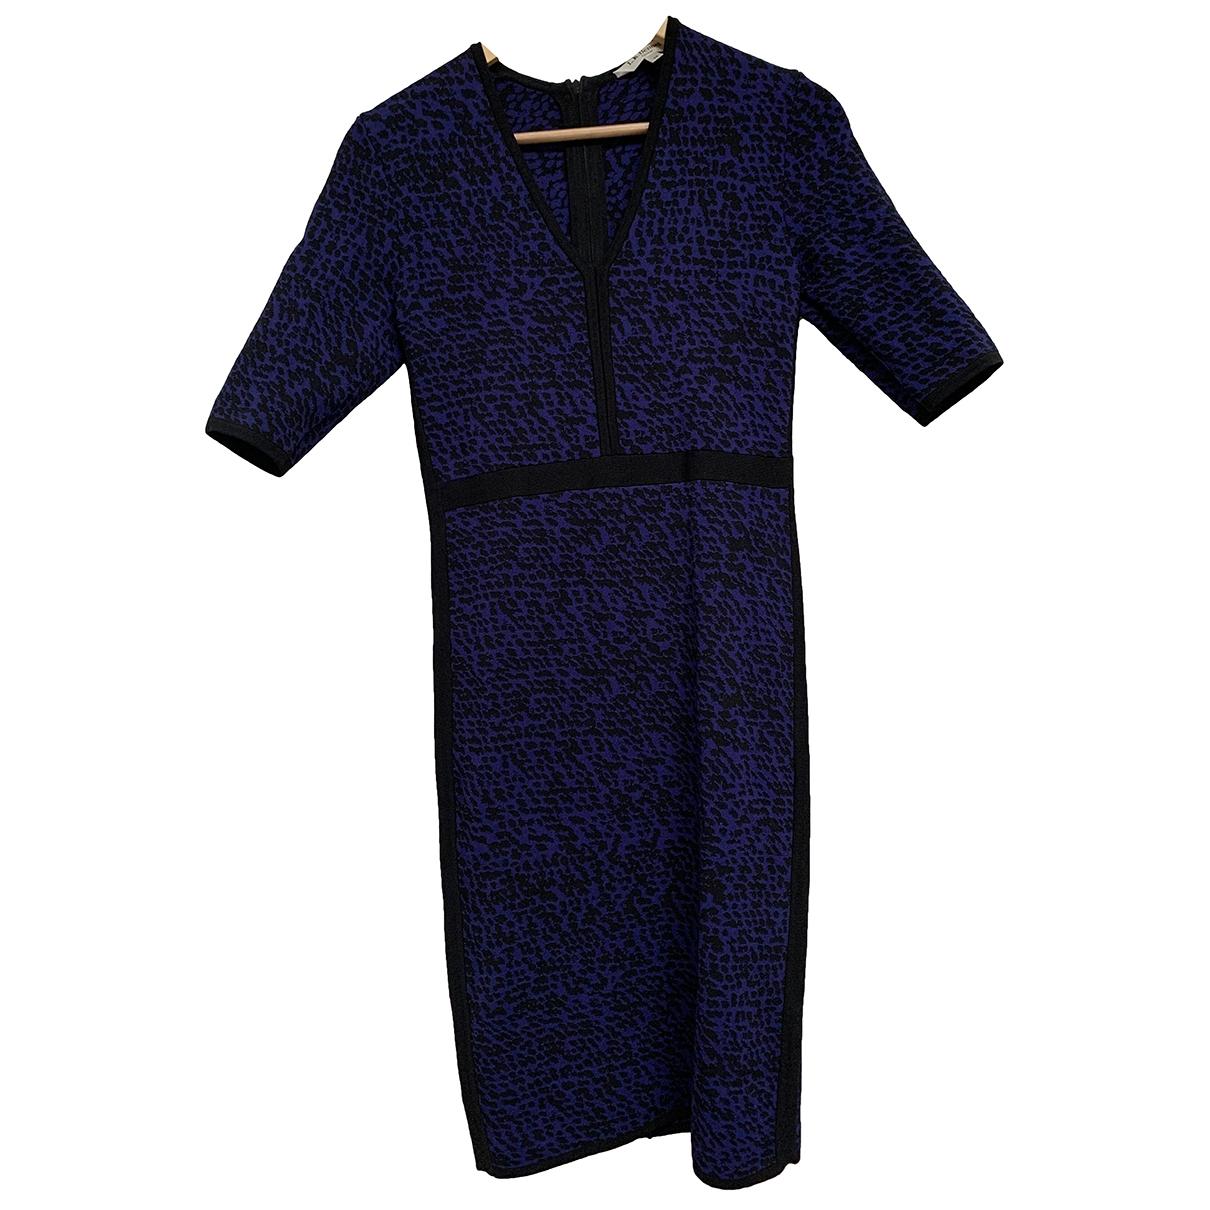 Lk Bennett \N Blue Cotton - elasthane dress for Women 8 UK